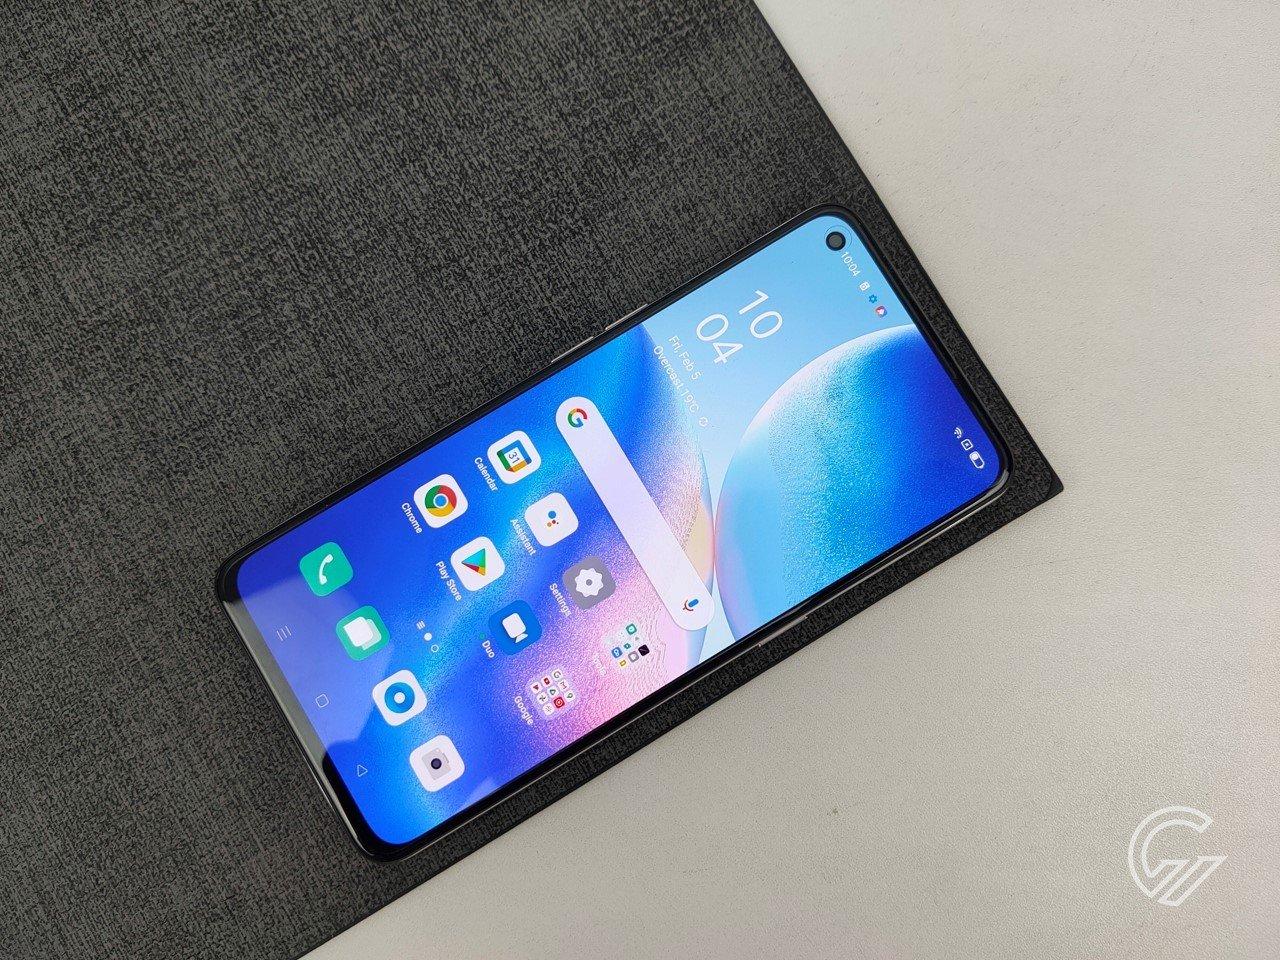 Daftar Handphone 5G Murah di Indonesia